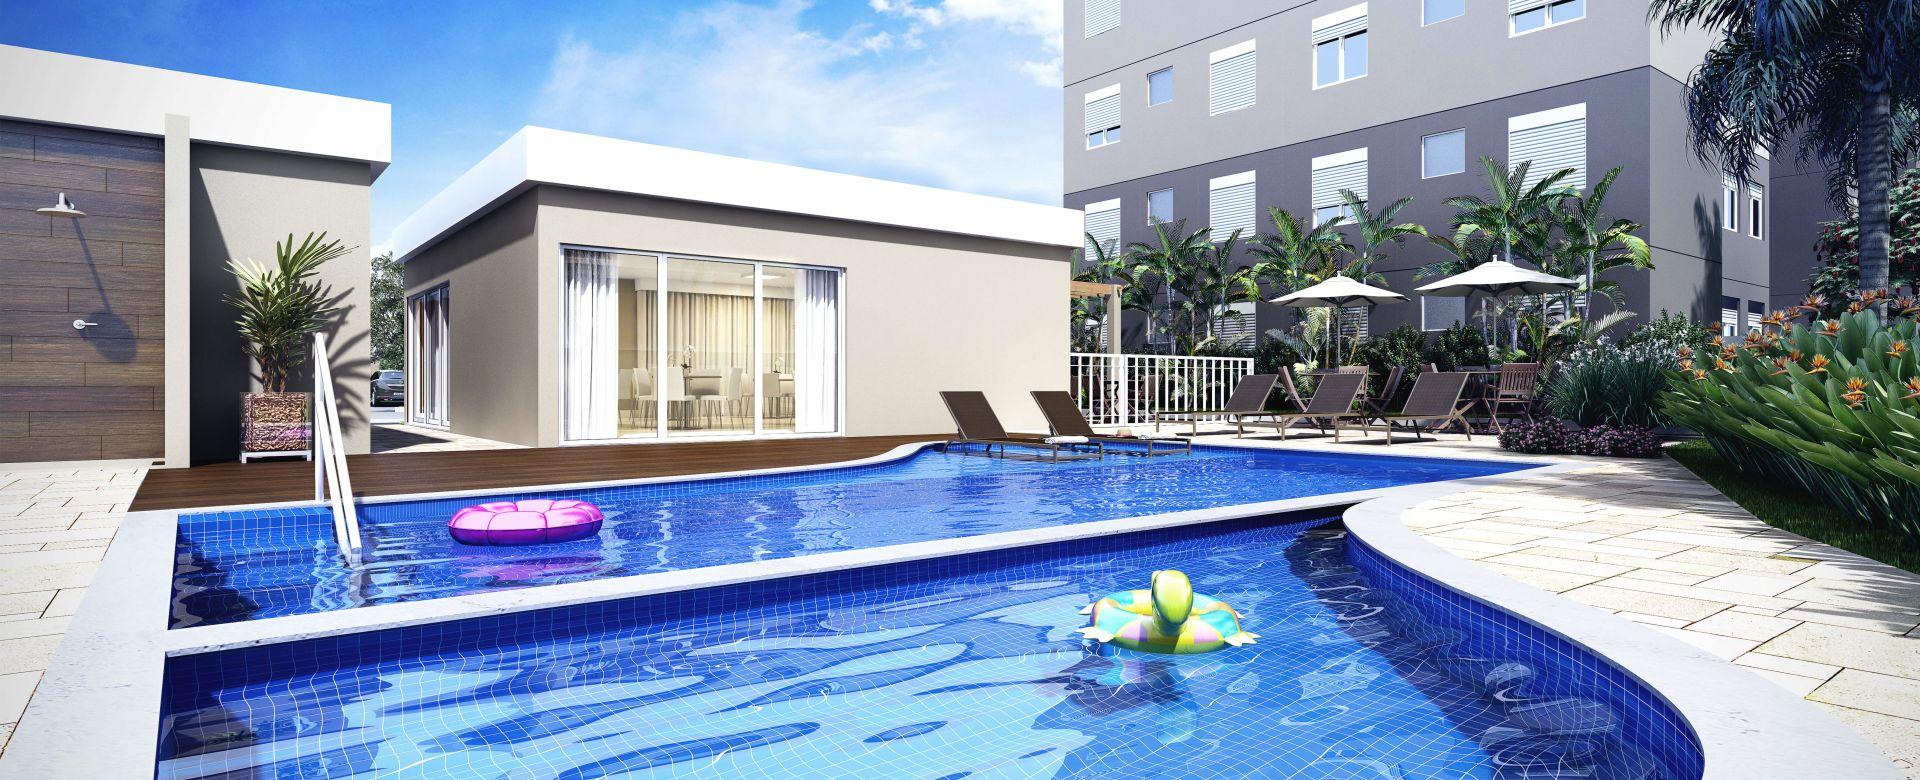 Imagem destaque do Quartier Residencial Clube